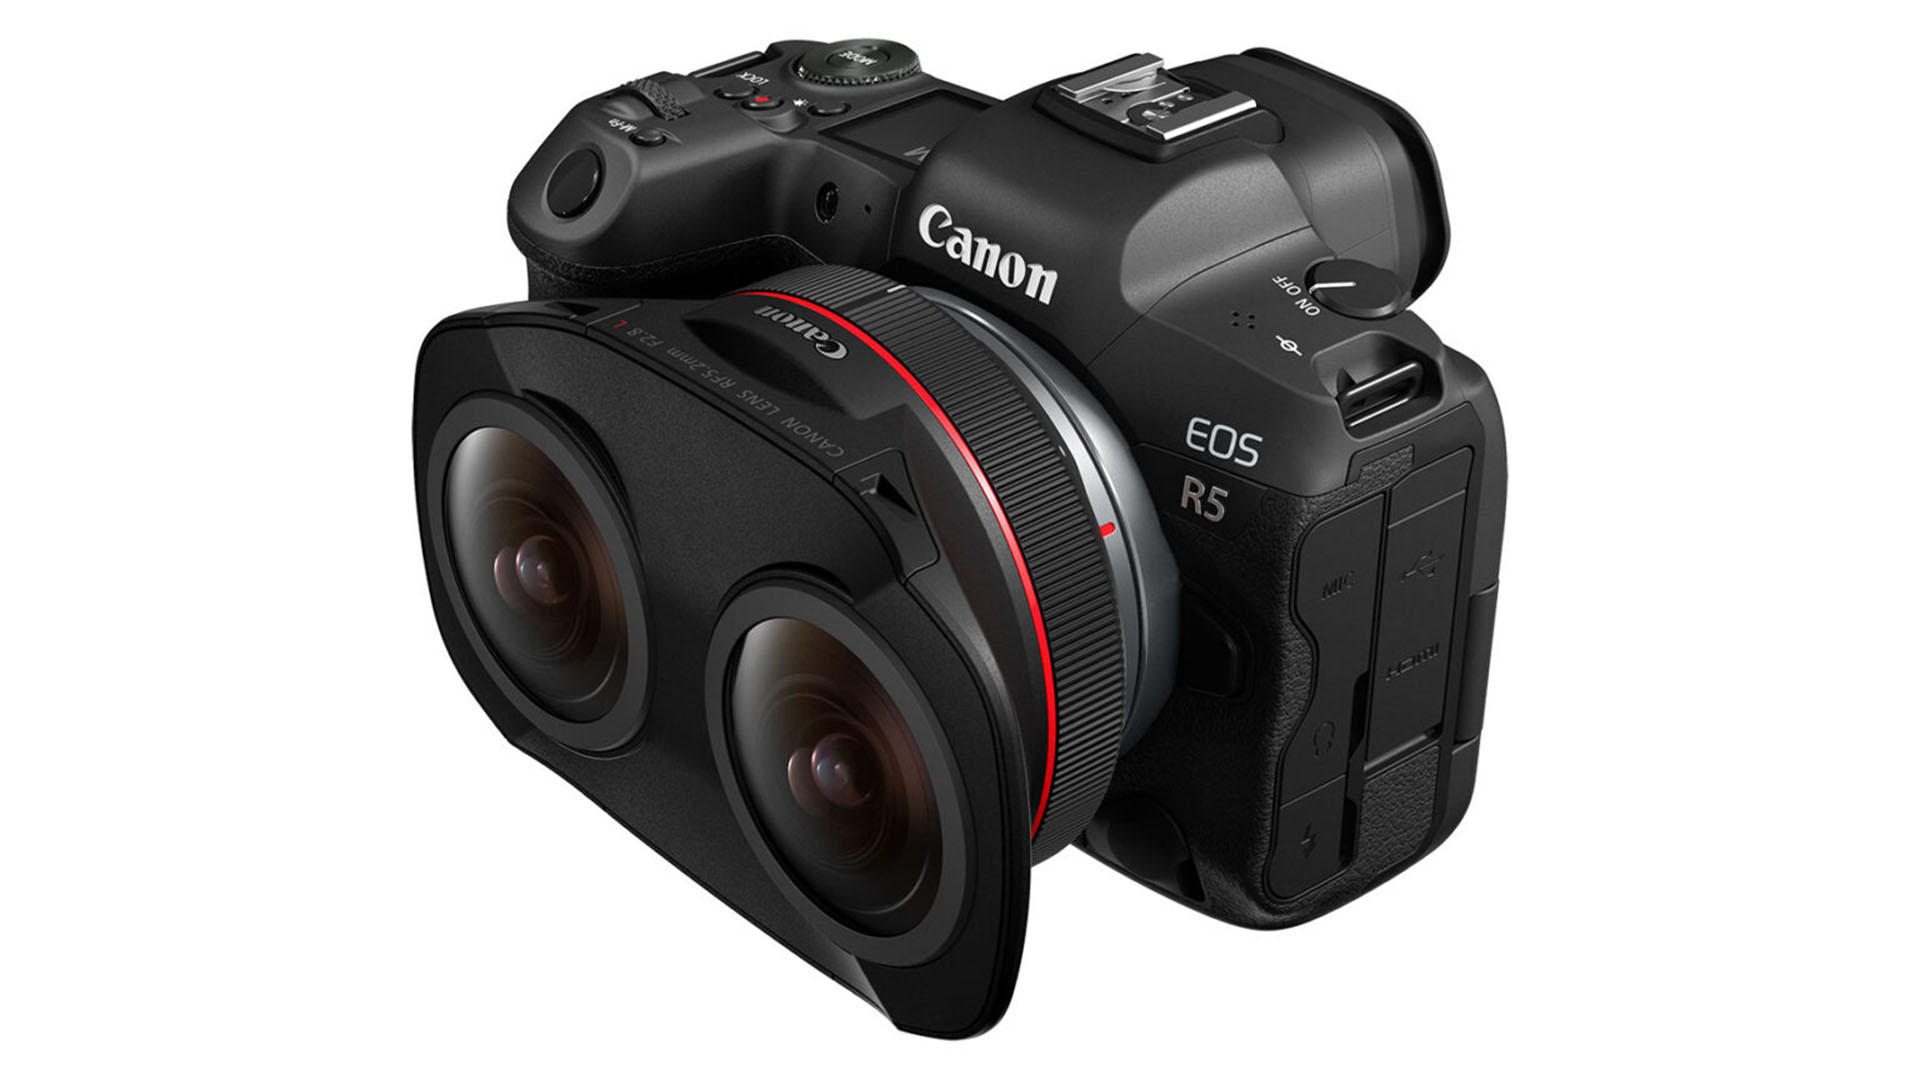 Image: Canon.